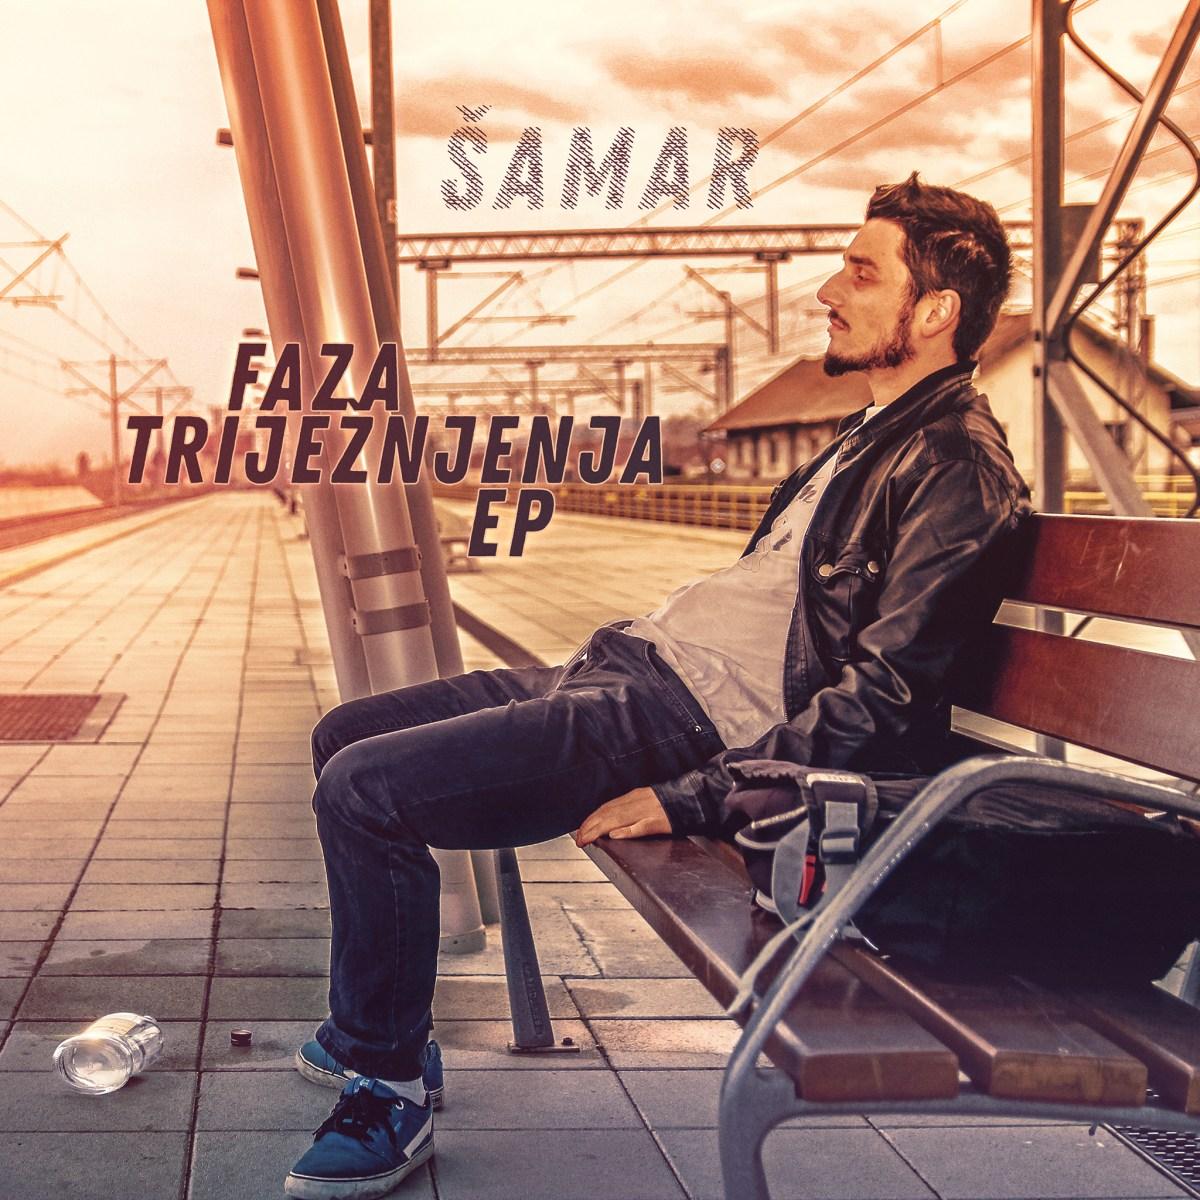 Šamar - Faza Triježnjenja EP (Album)